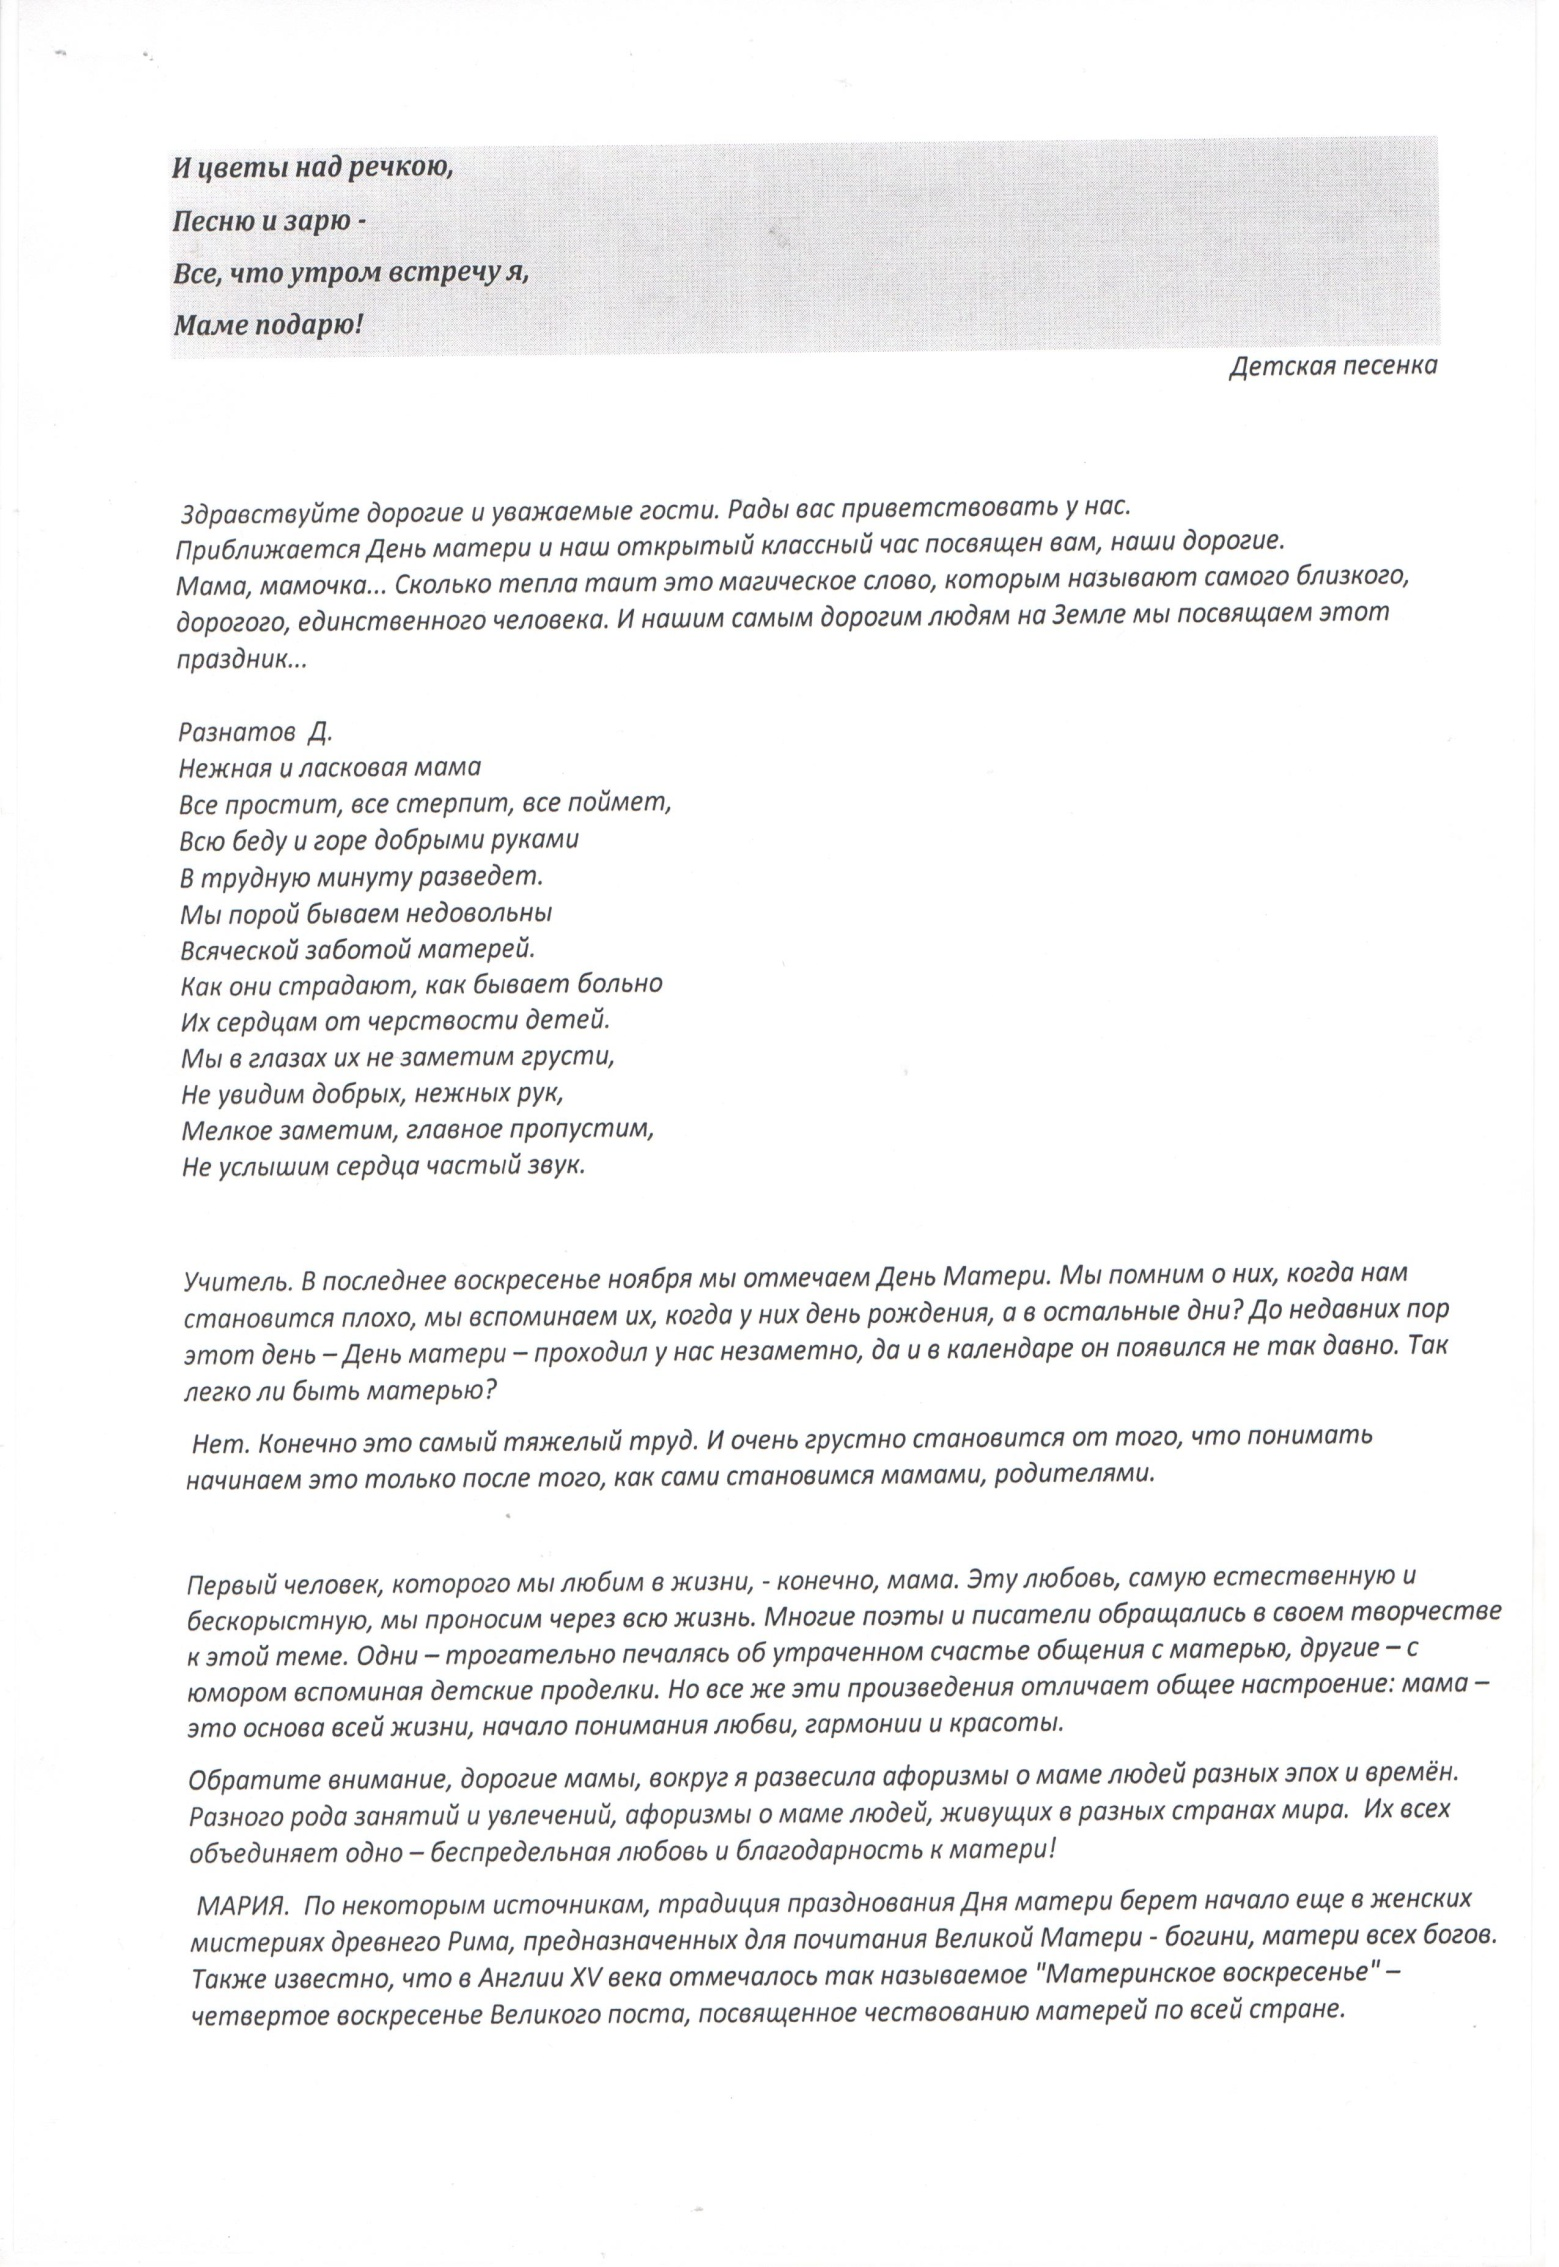 C:\Users\Пользователь\Desktop\День матери\2.jpeg